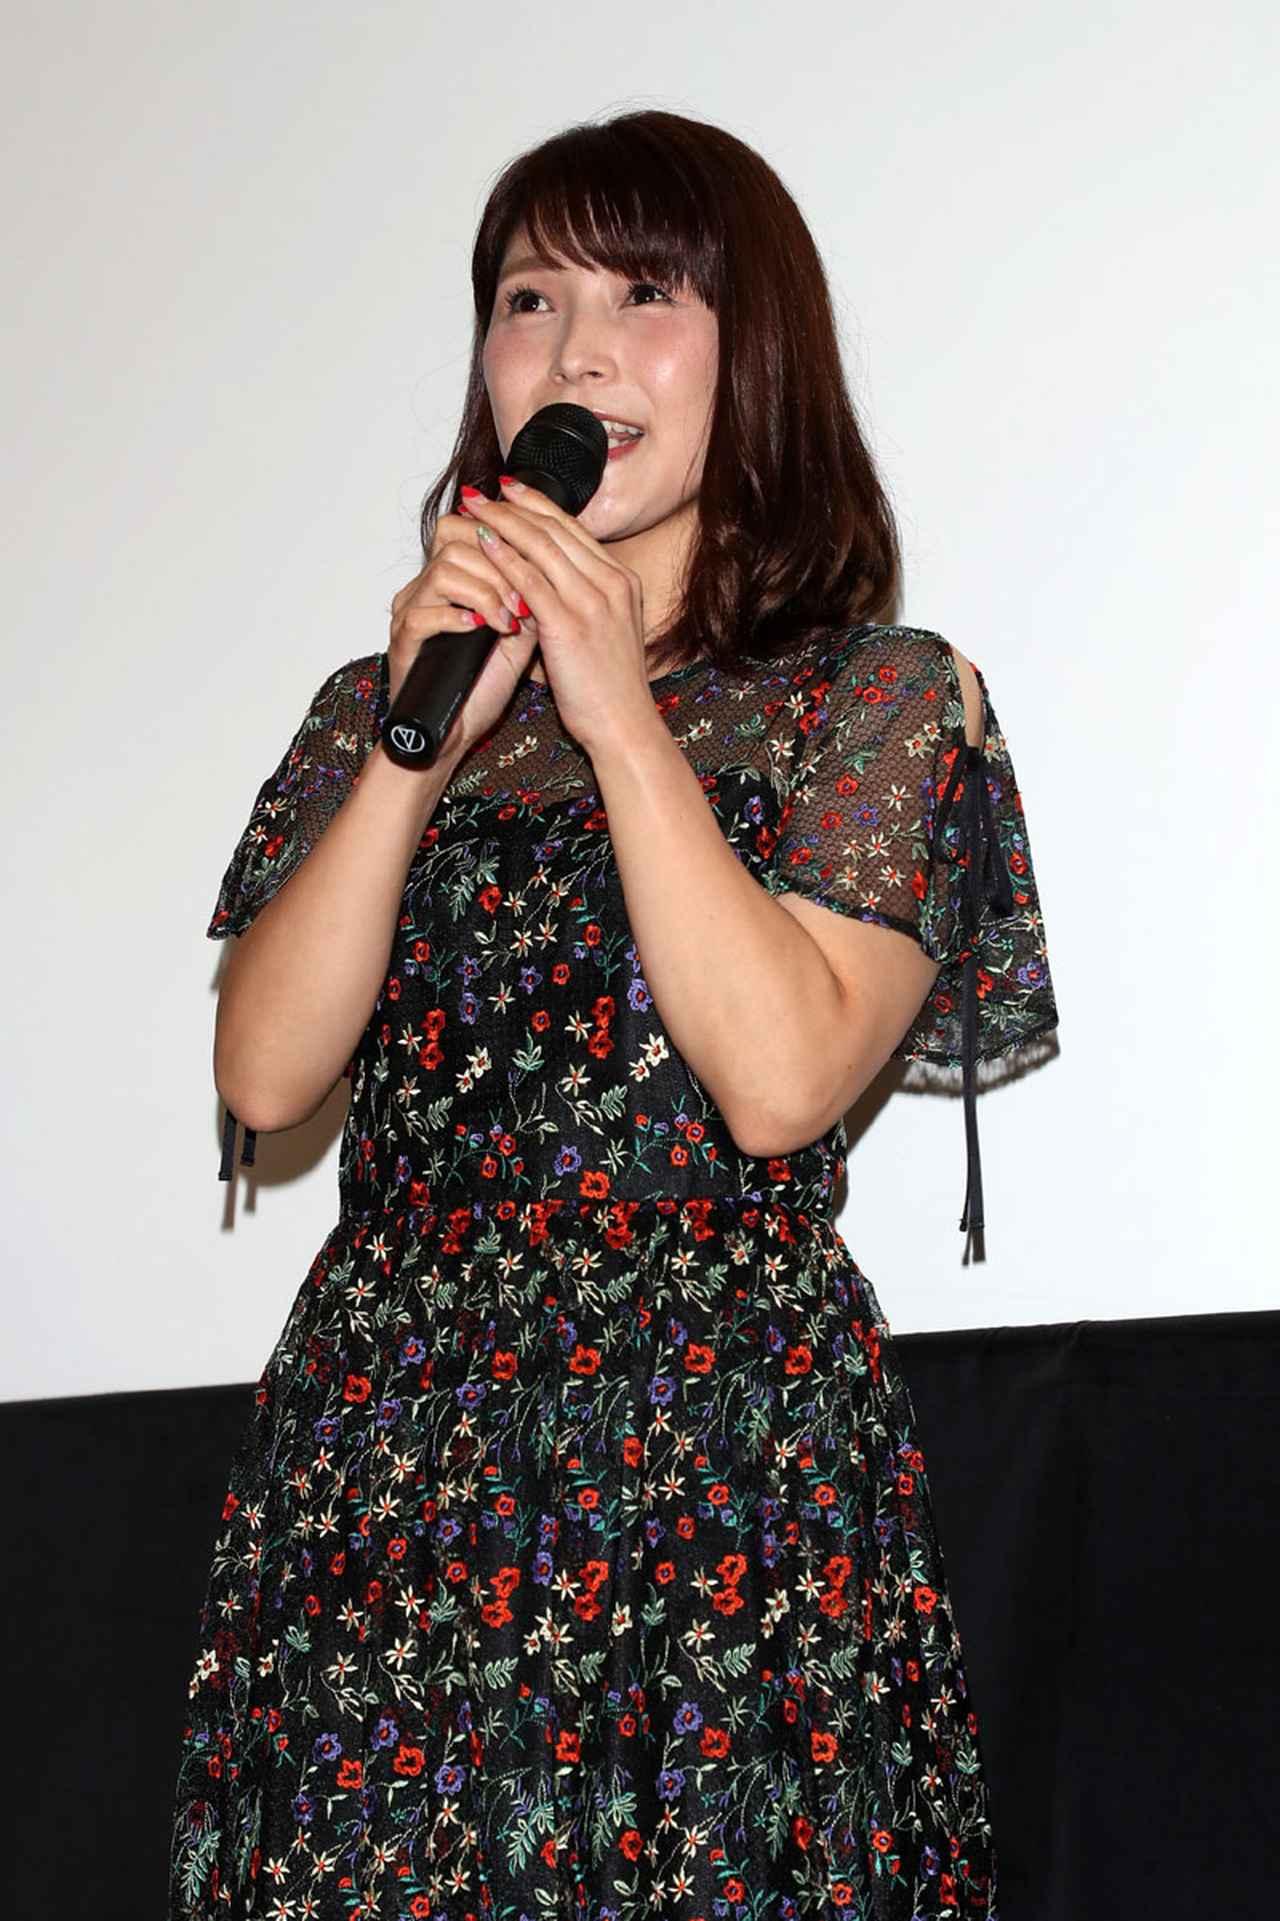 Images : 11番目の画像 - 「山田菜々美(AKB48)、百川晴香/映画『黒看』のプレミア上映会開催。「スクリーンに自分が映っているのは不思議な気持ちですけど、たくさんの方が来てくださって幸せです」」のアルバム - Stereo Sound ONLINE